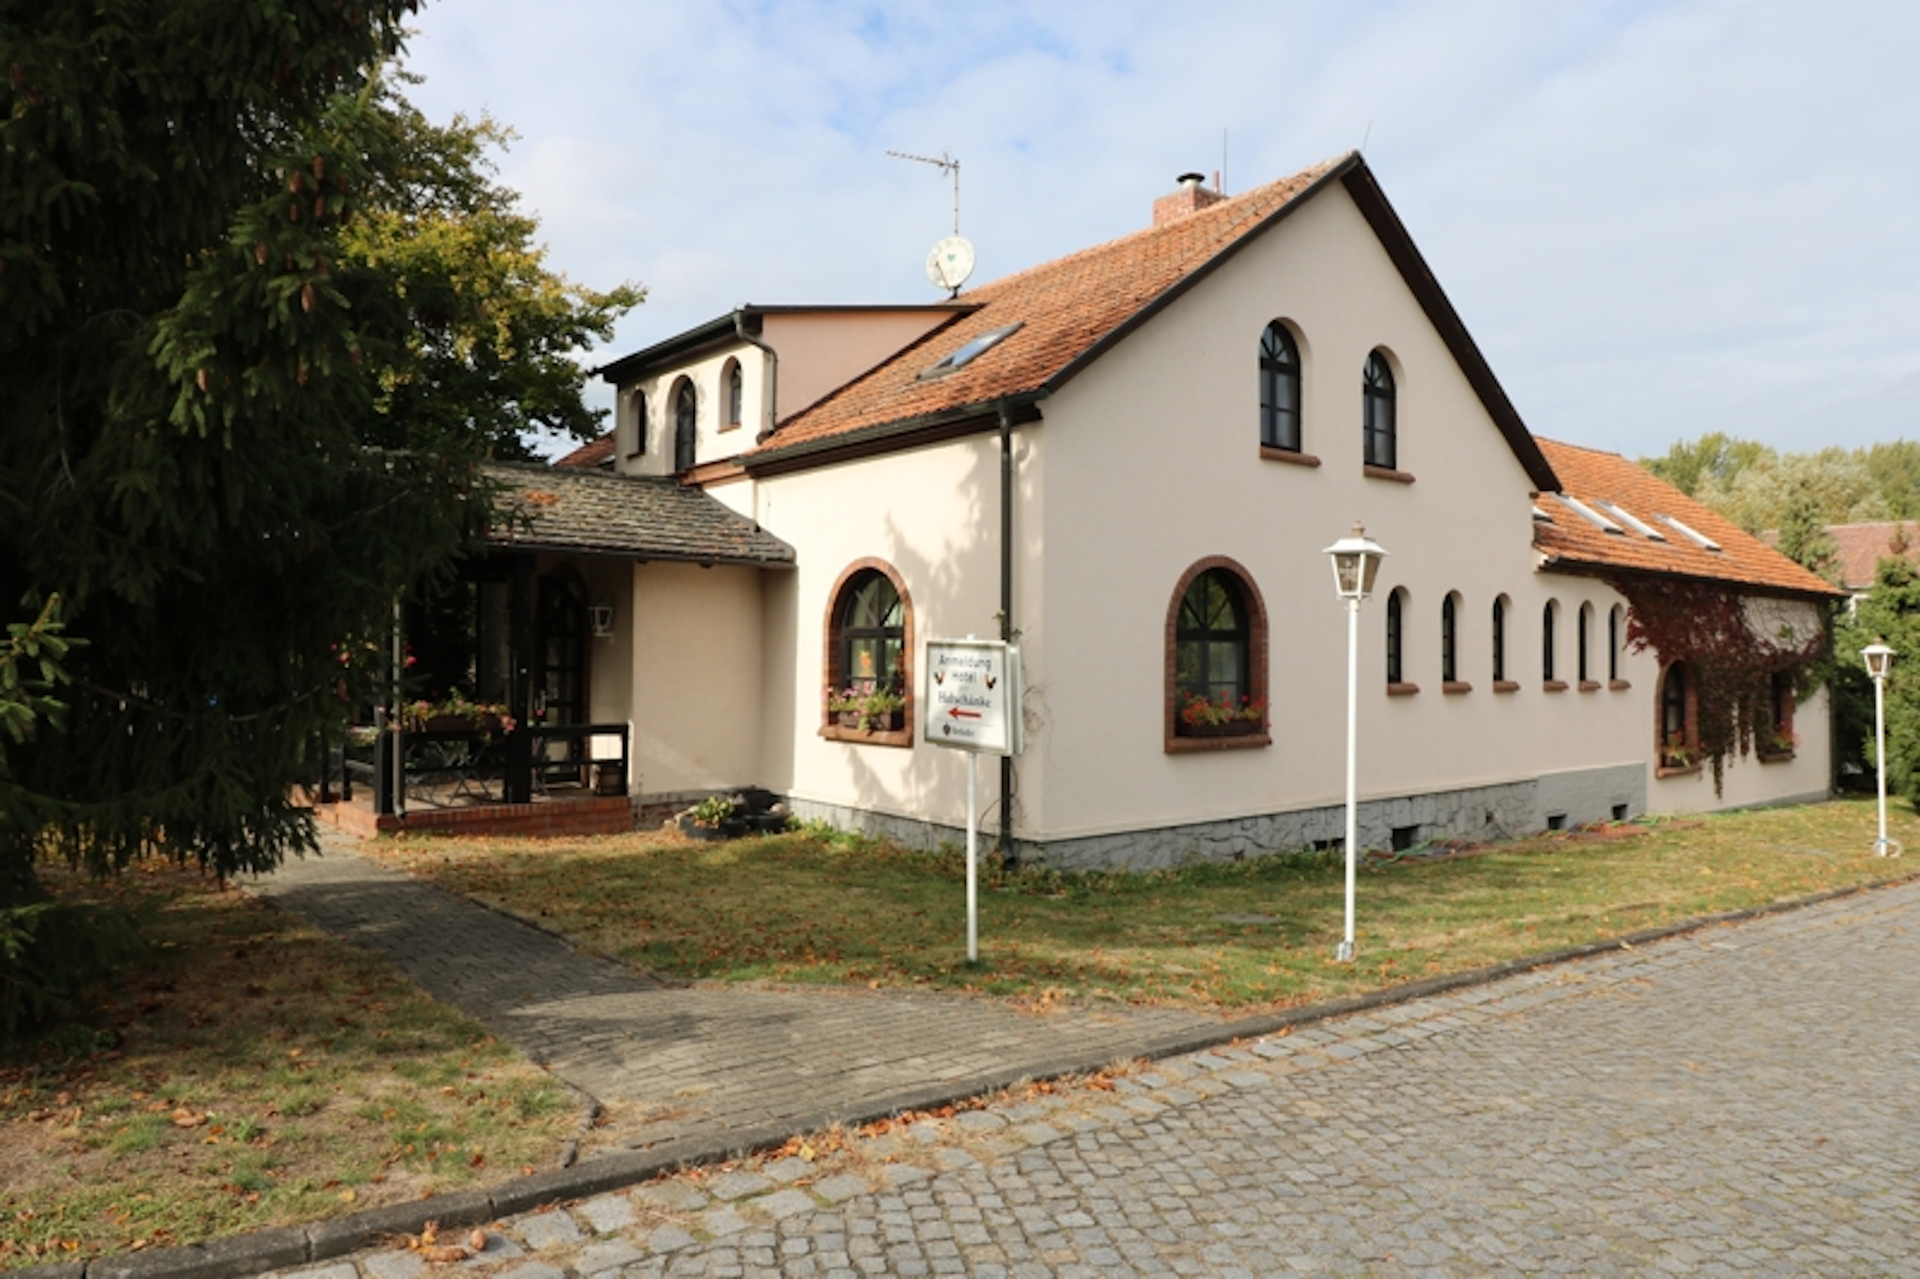 Das Spreewaldhotel in ruhiger Ortslage von Raddusch.